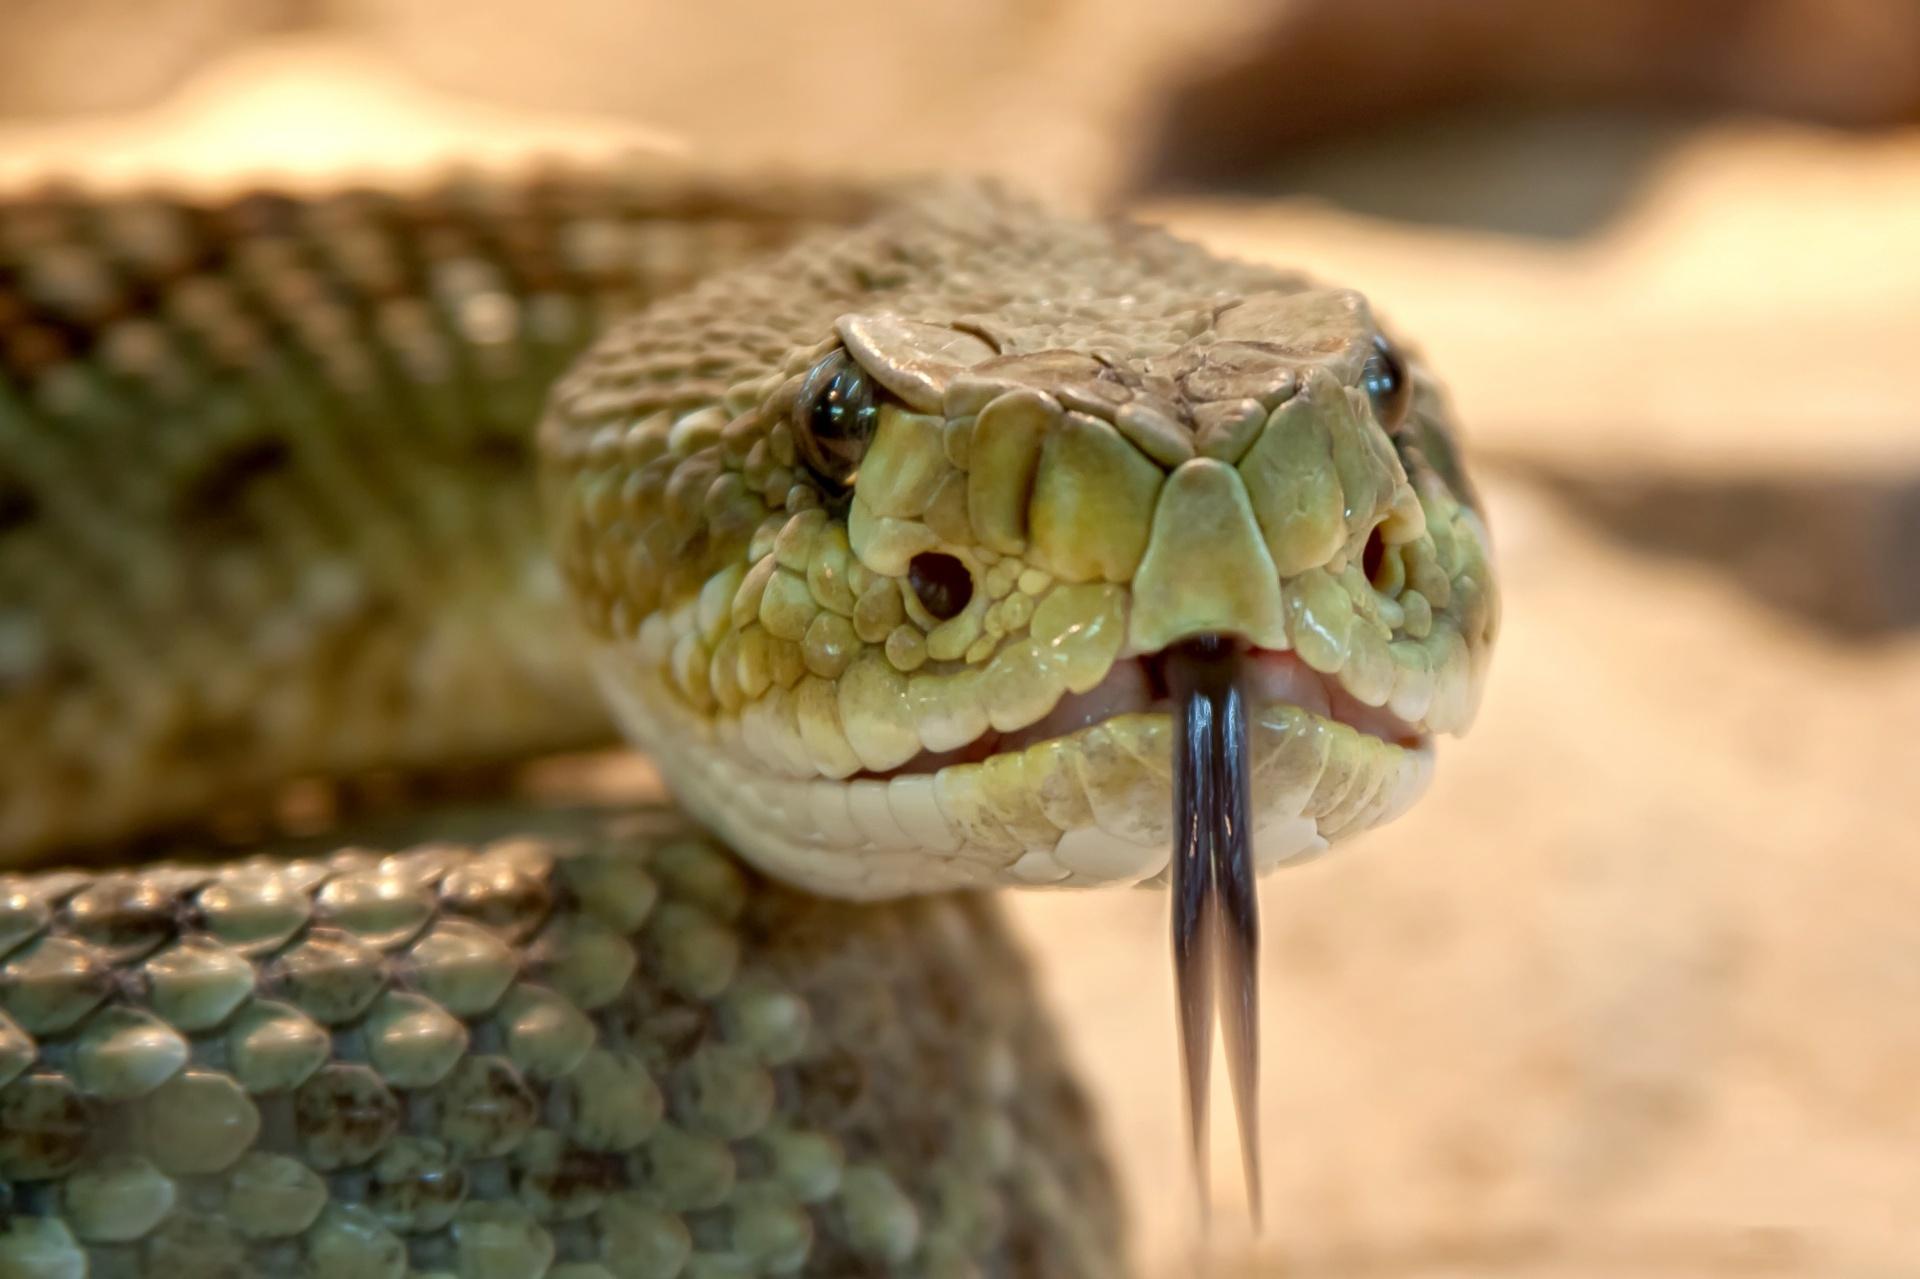 Snakebites: Myth vs. Reality